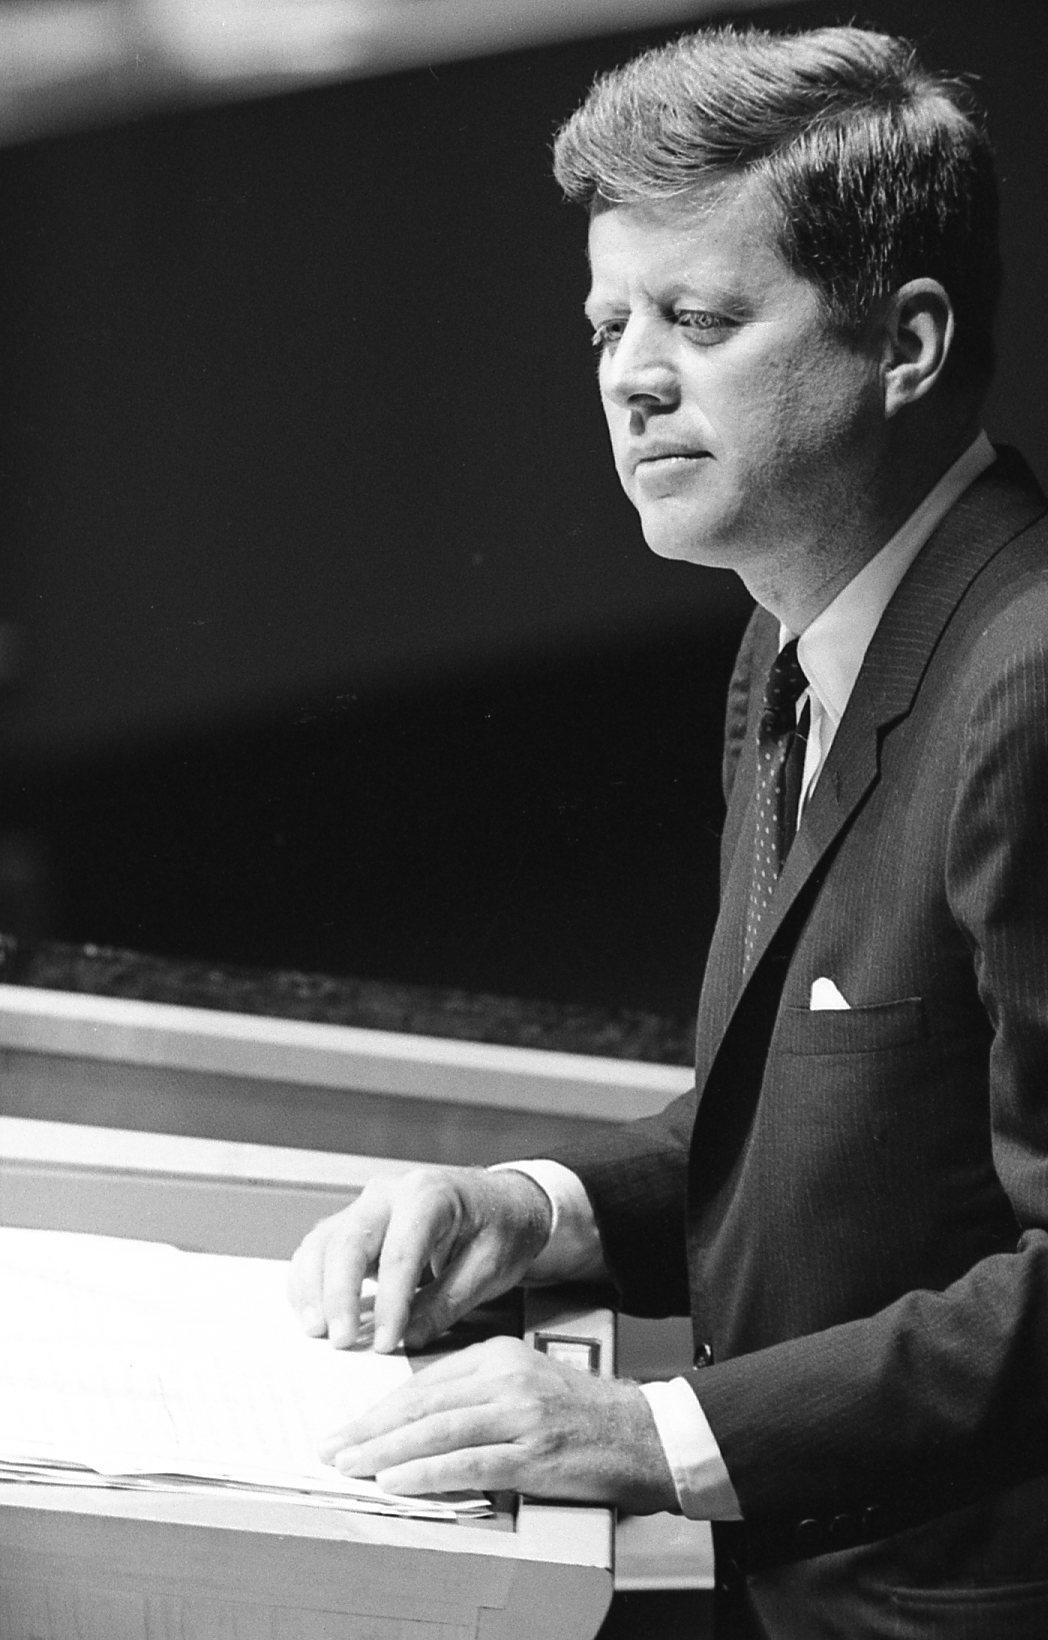 Ο 35oς αμερικανός πρόεδρος Τζον Φιτζέραλντ Κένεντι, σε ομιλία το 1962